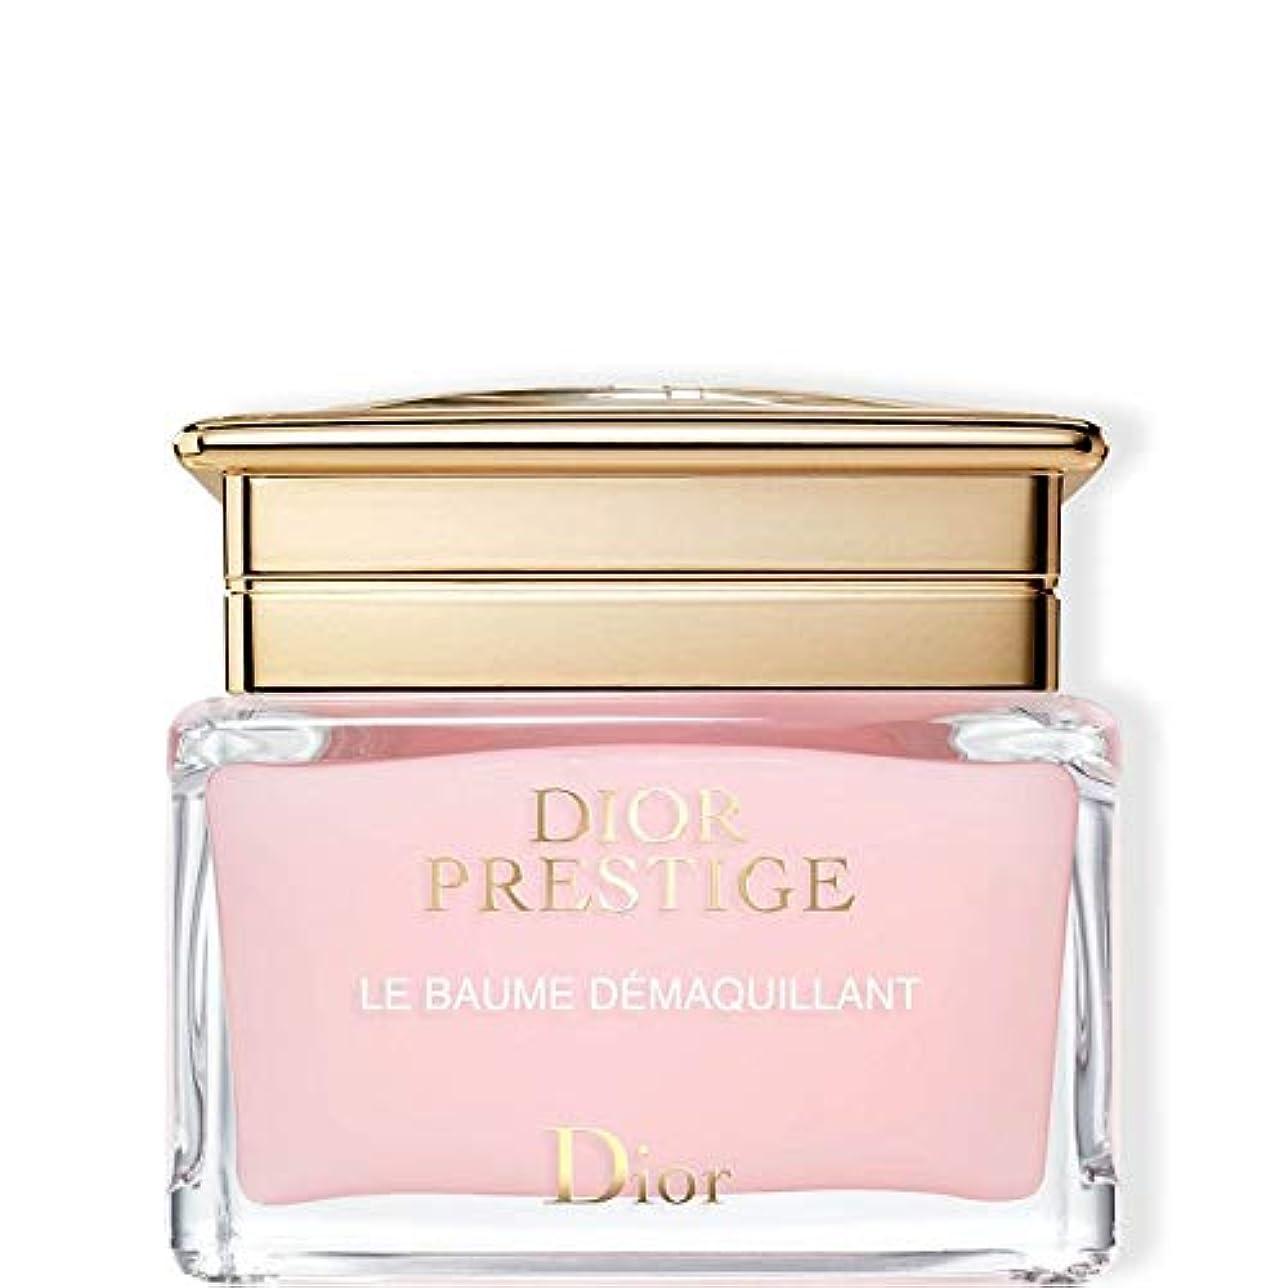 縫うピカリング入浴Dior(ディオール) プレステージ ル バーム デマキャント 150mL